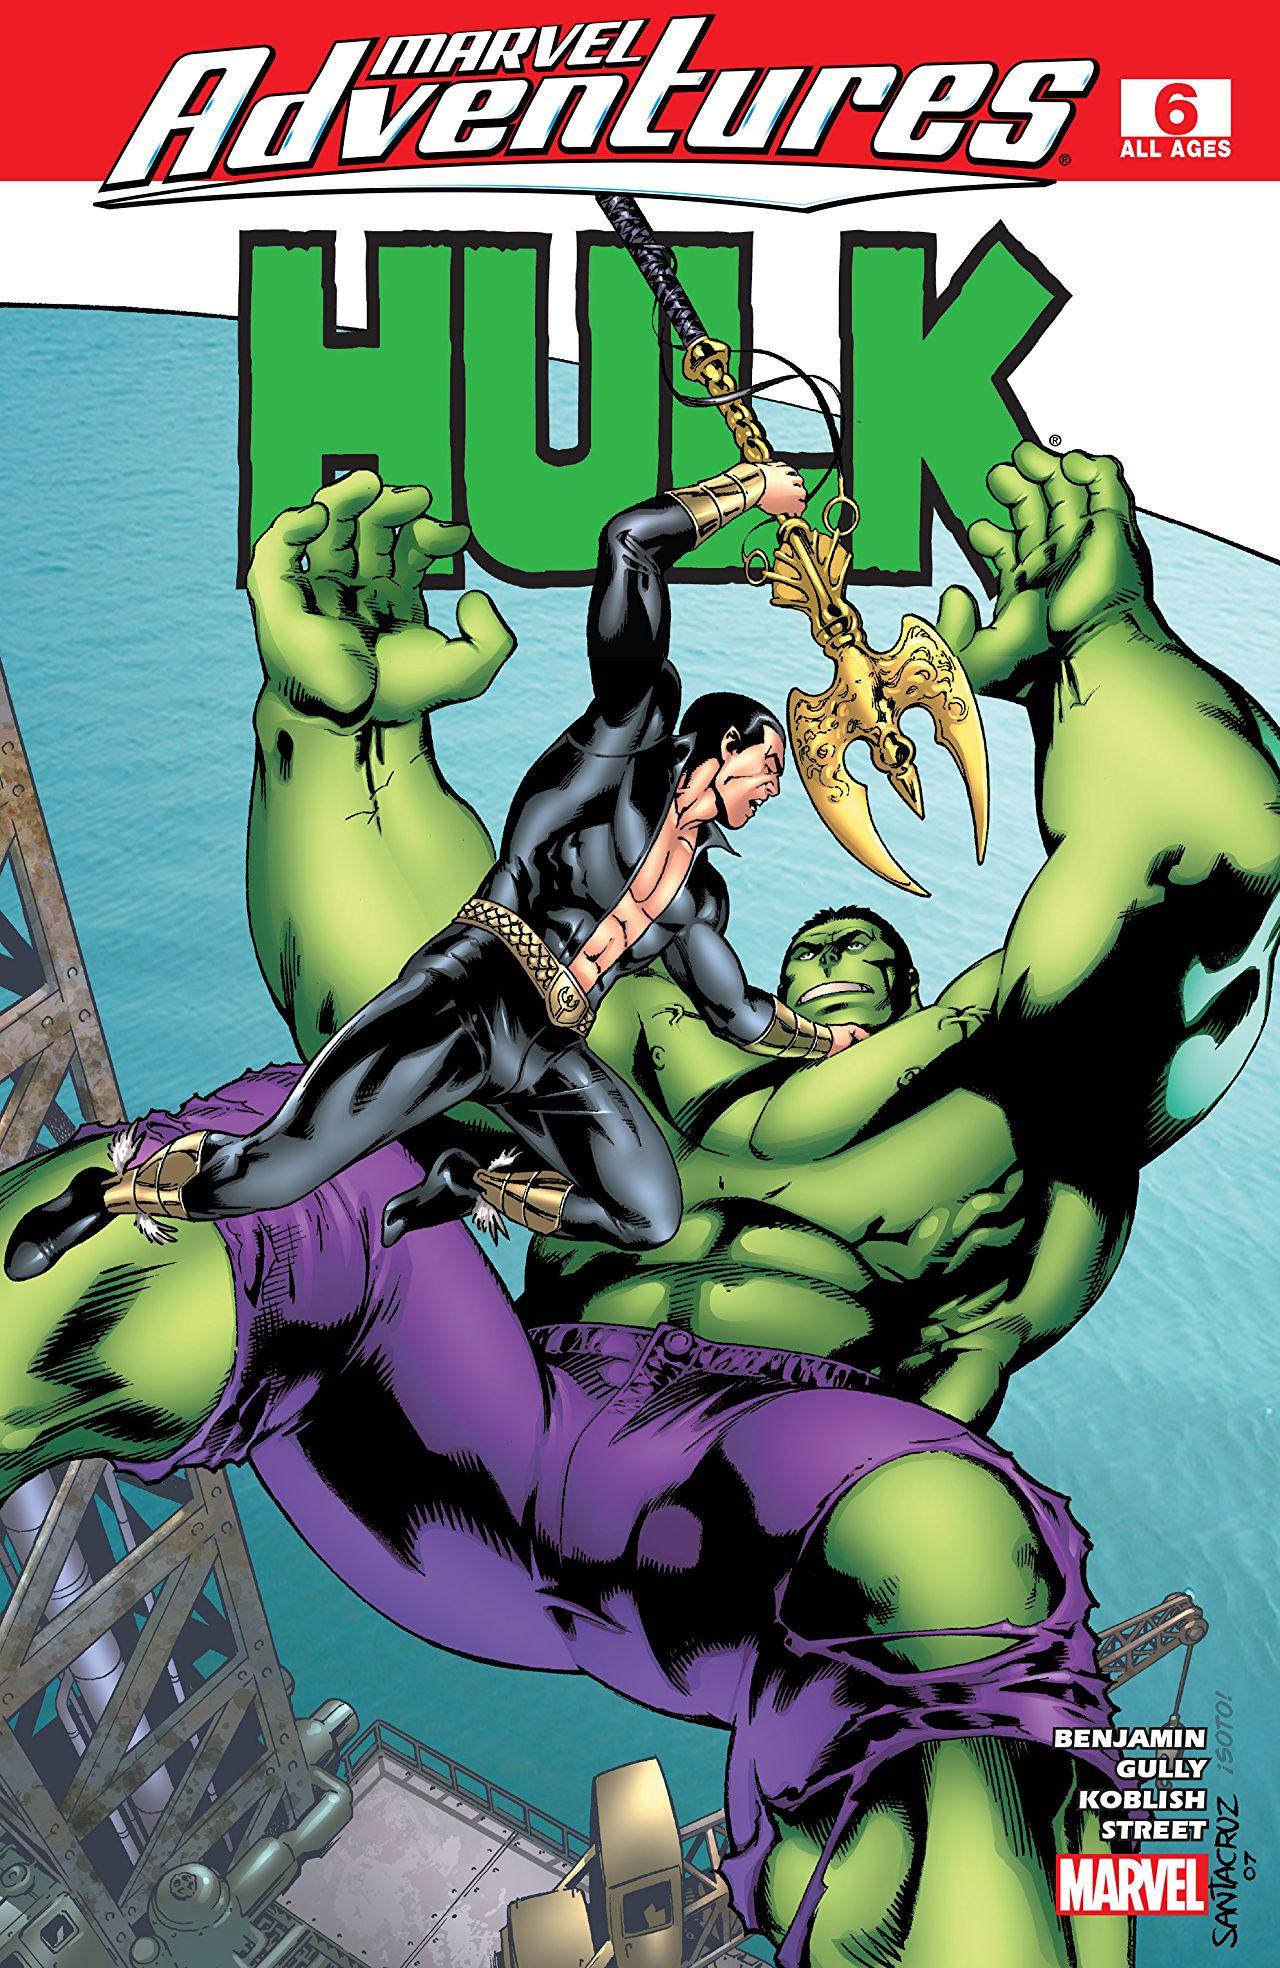 Marvel Adventures Hulk Vol 1 6.jpg